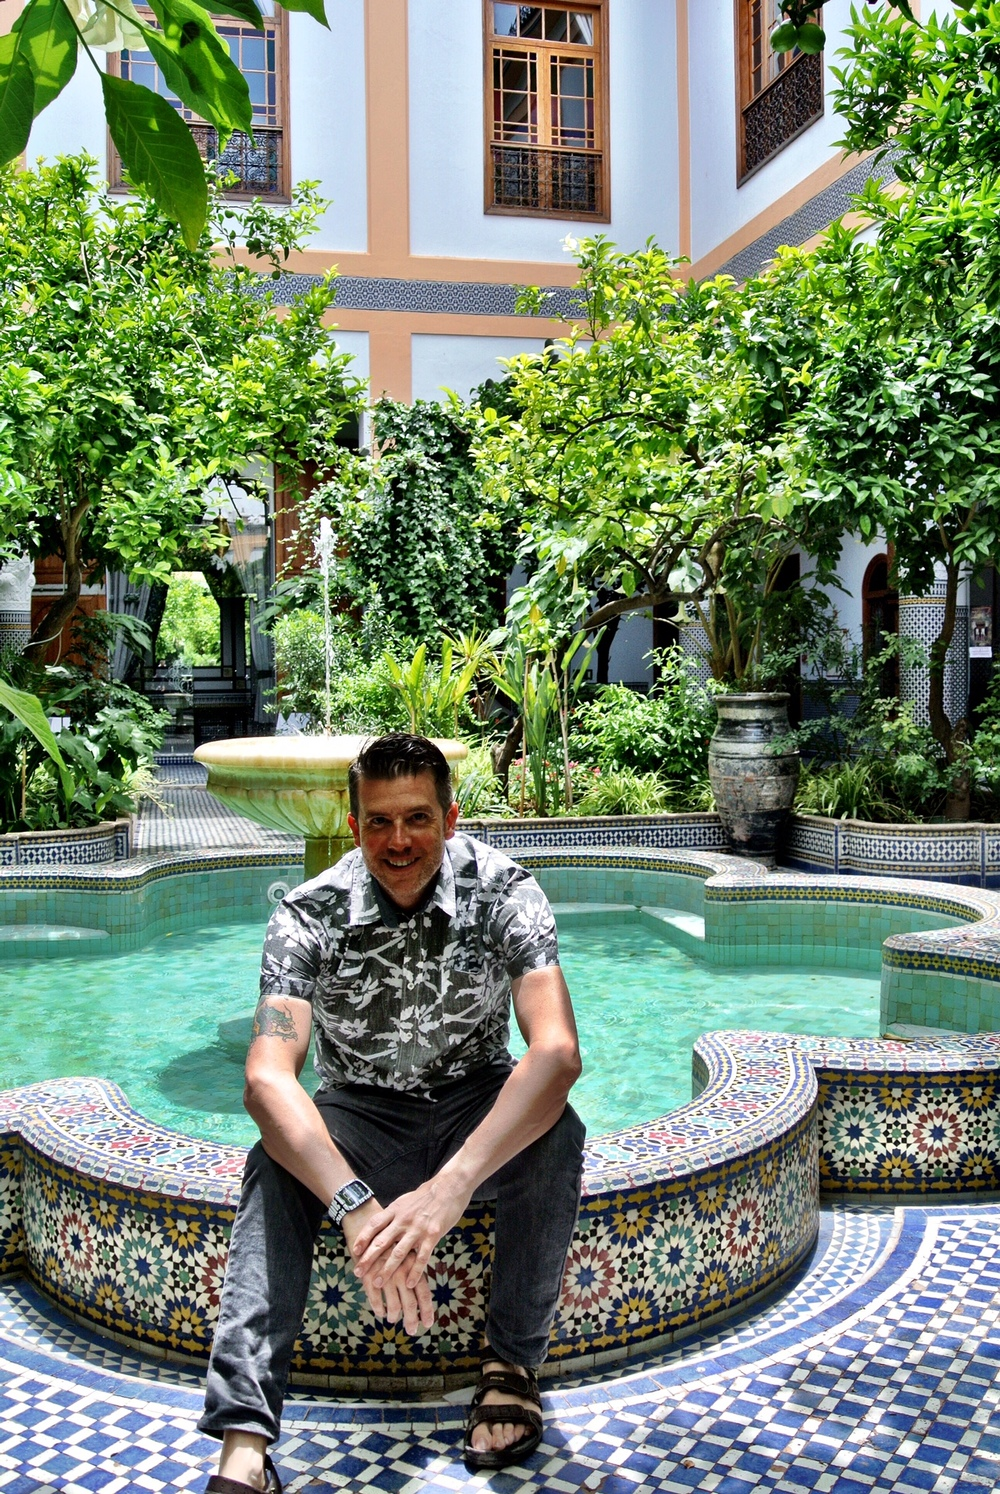 Wally enjoying the beautifully tiled courtyard fountain